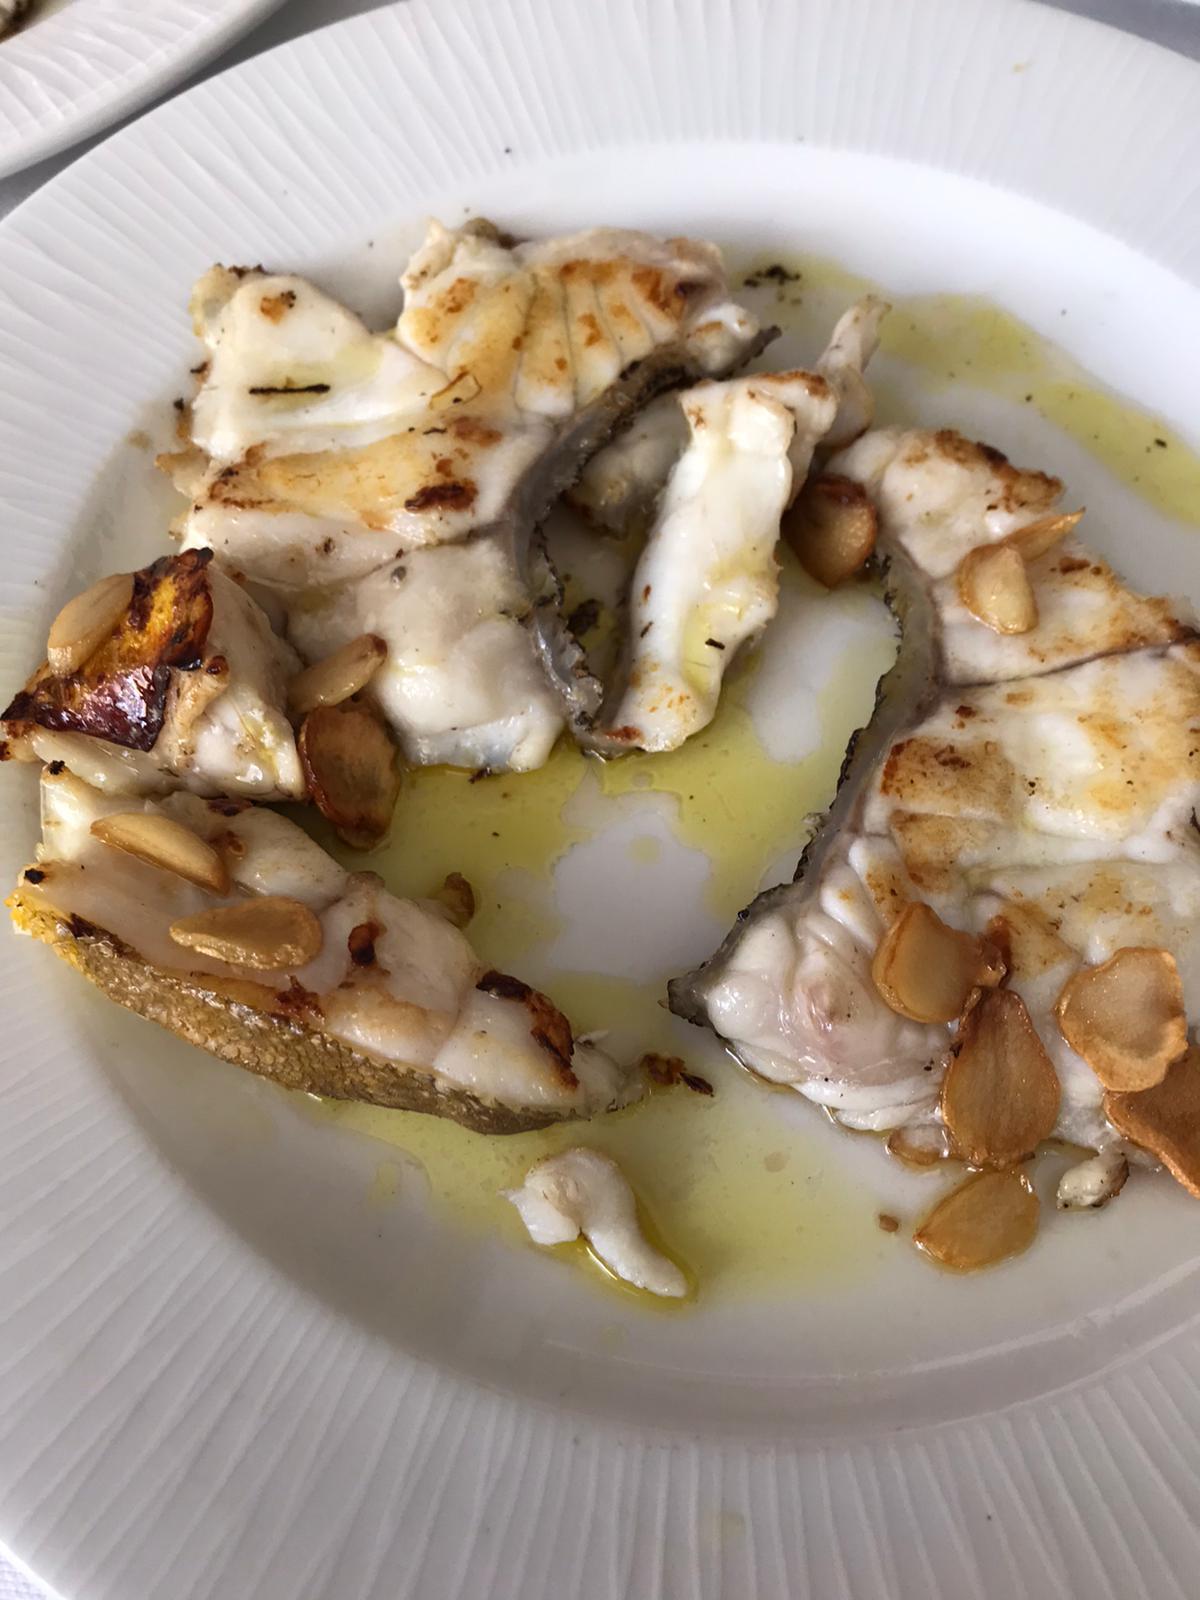 Reseña gastronómica: Restaurante Toni en Benidorm 6